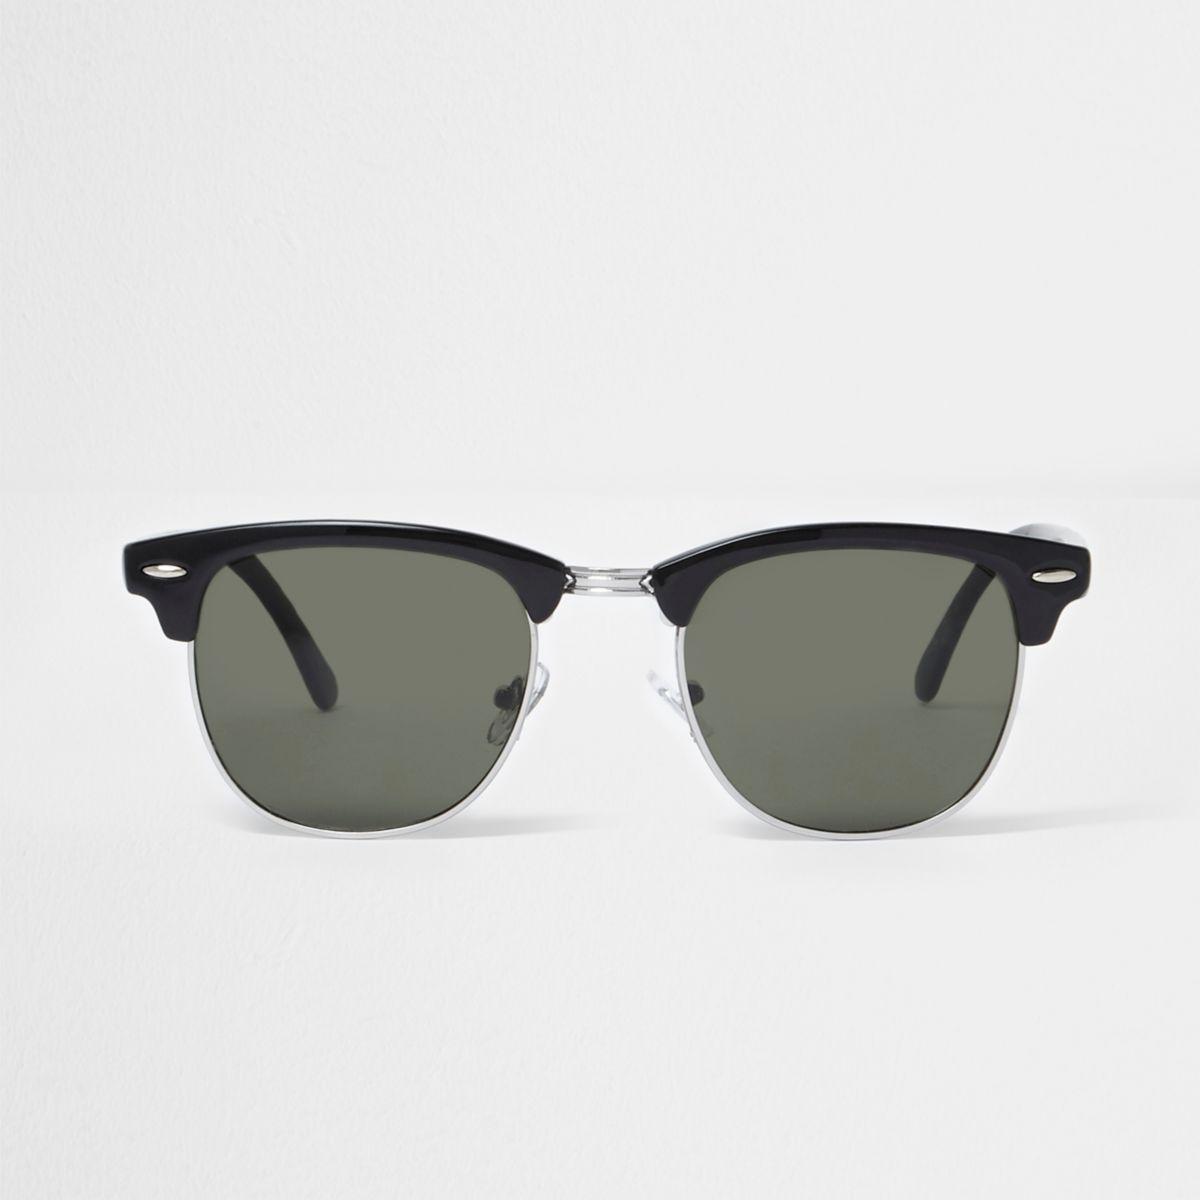 Zwarte retro zonnebrillen